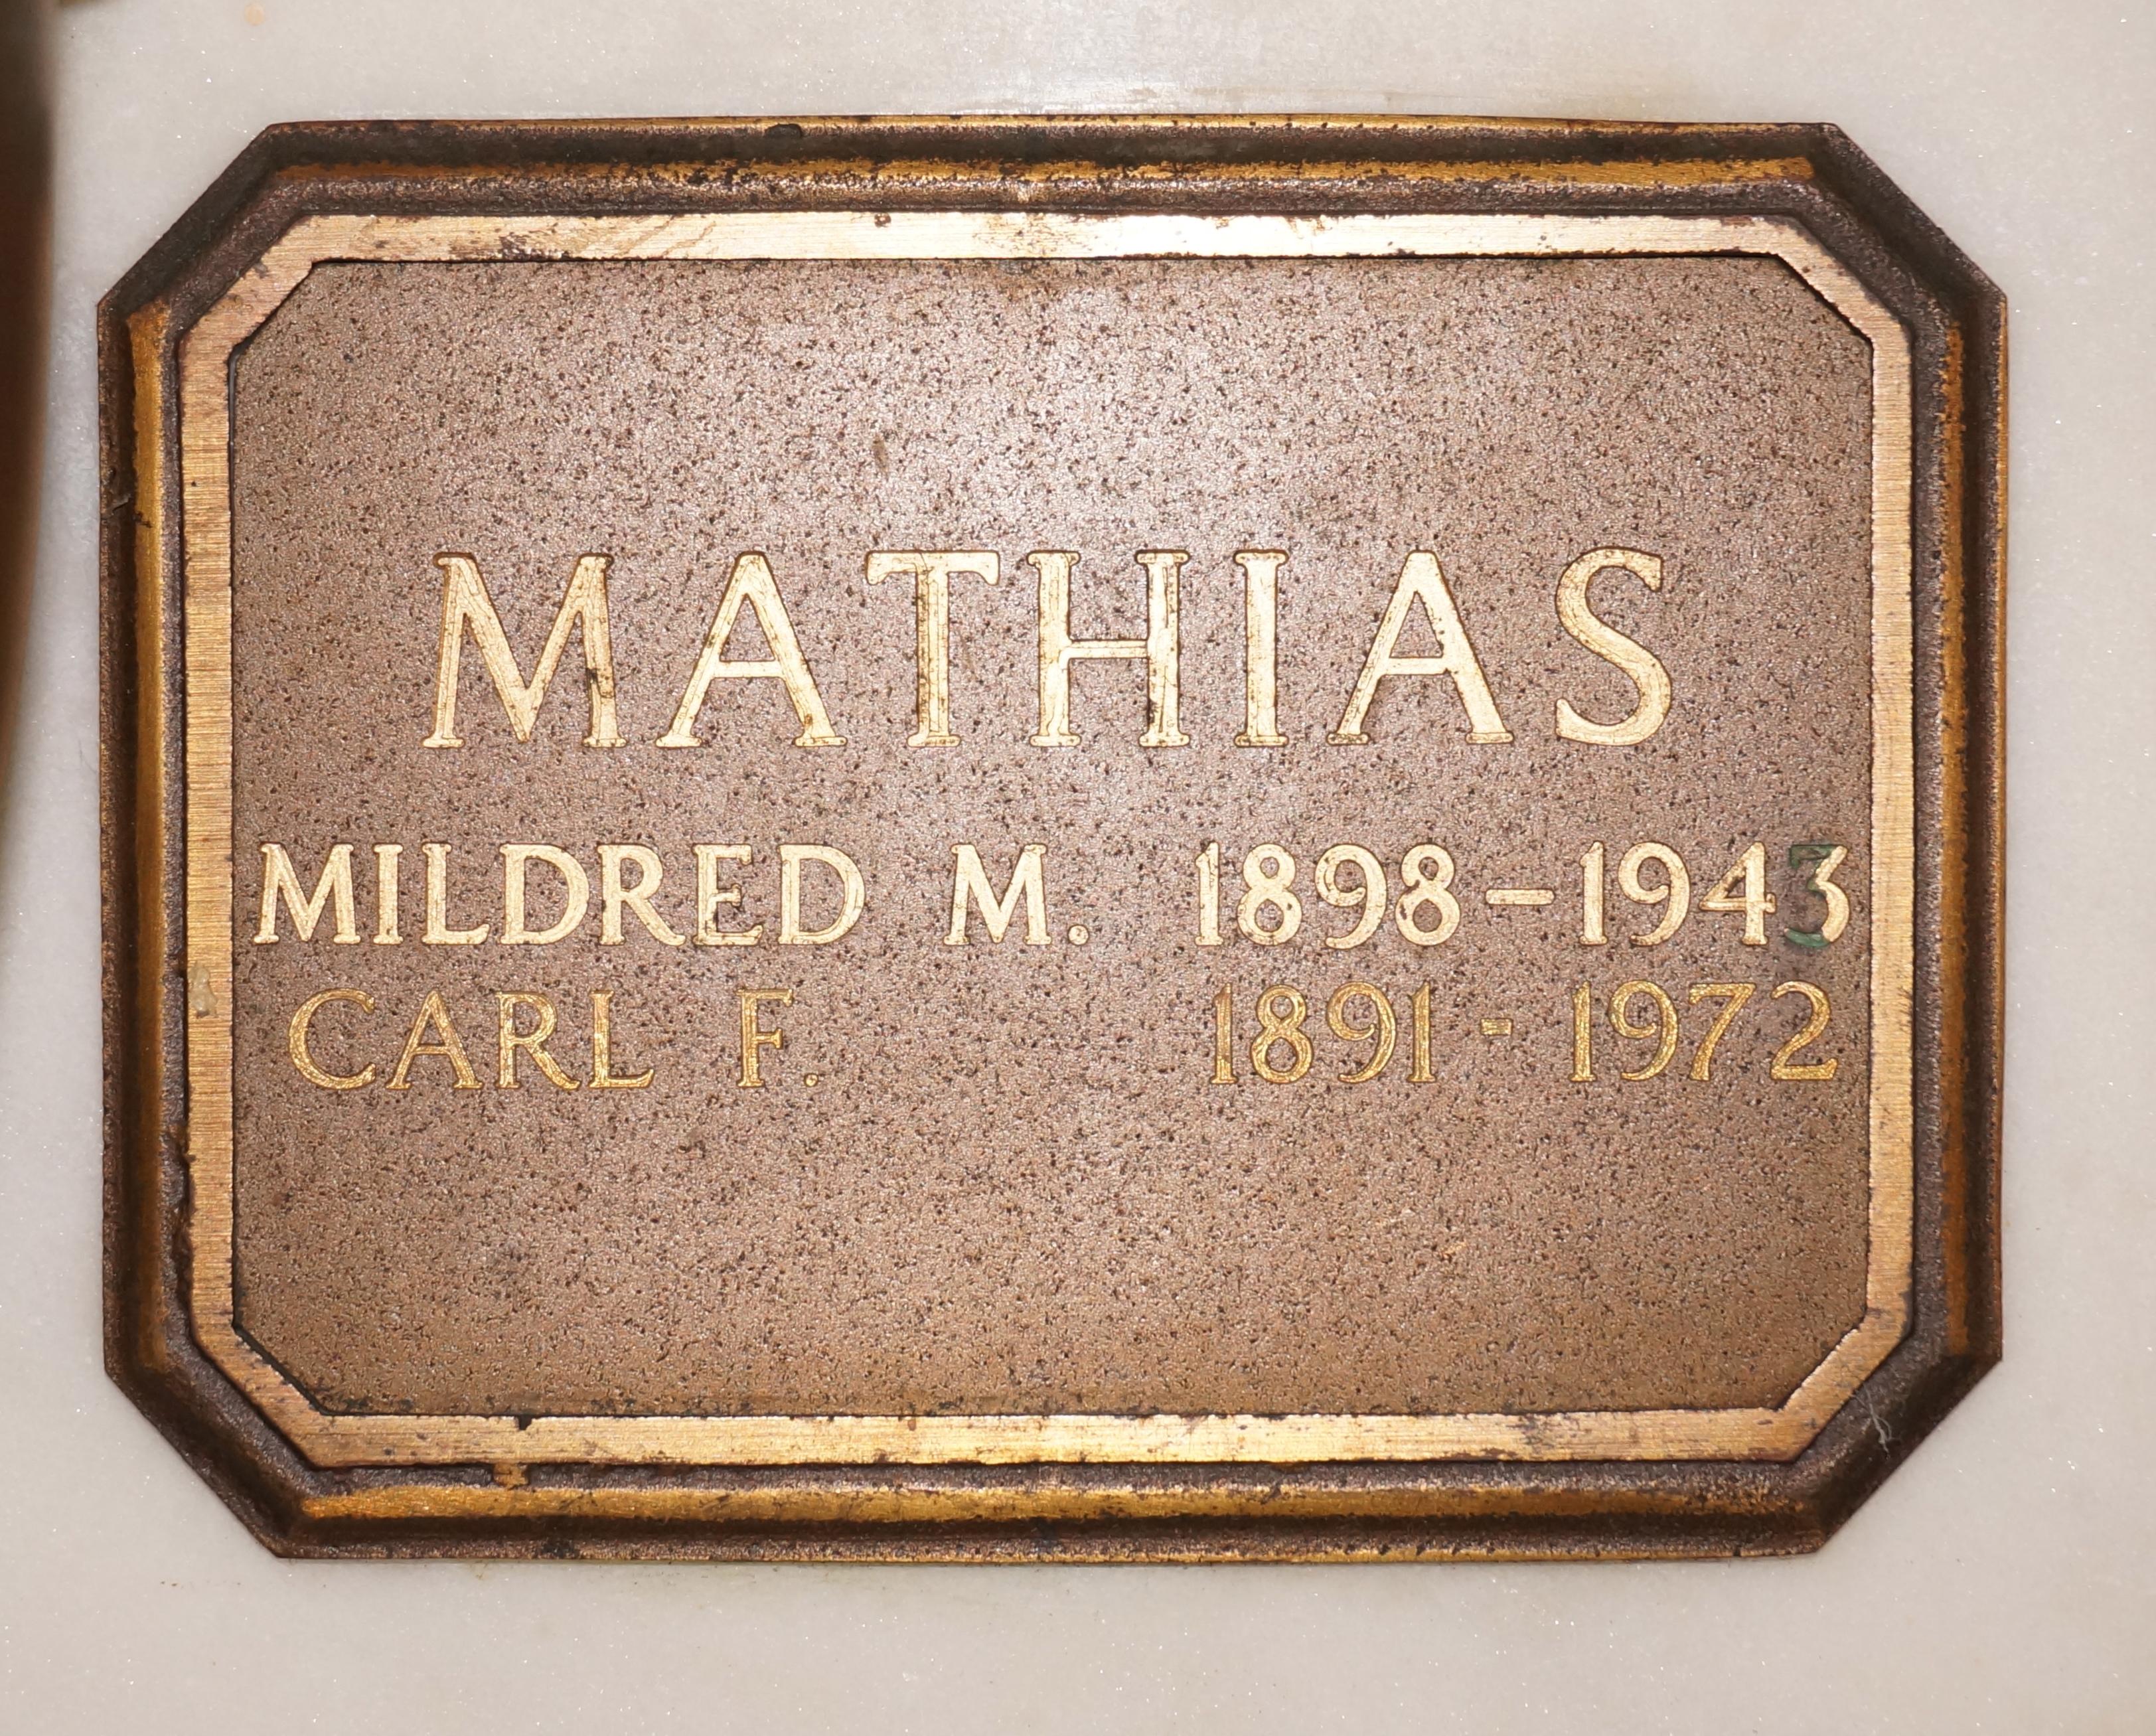 Carl Finley Mathias